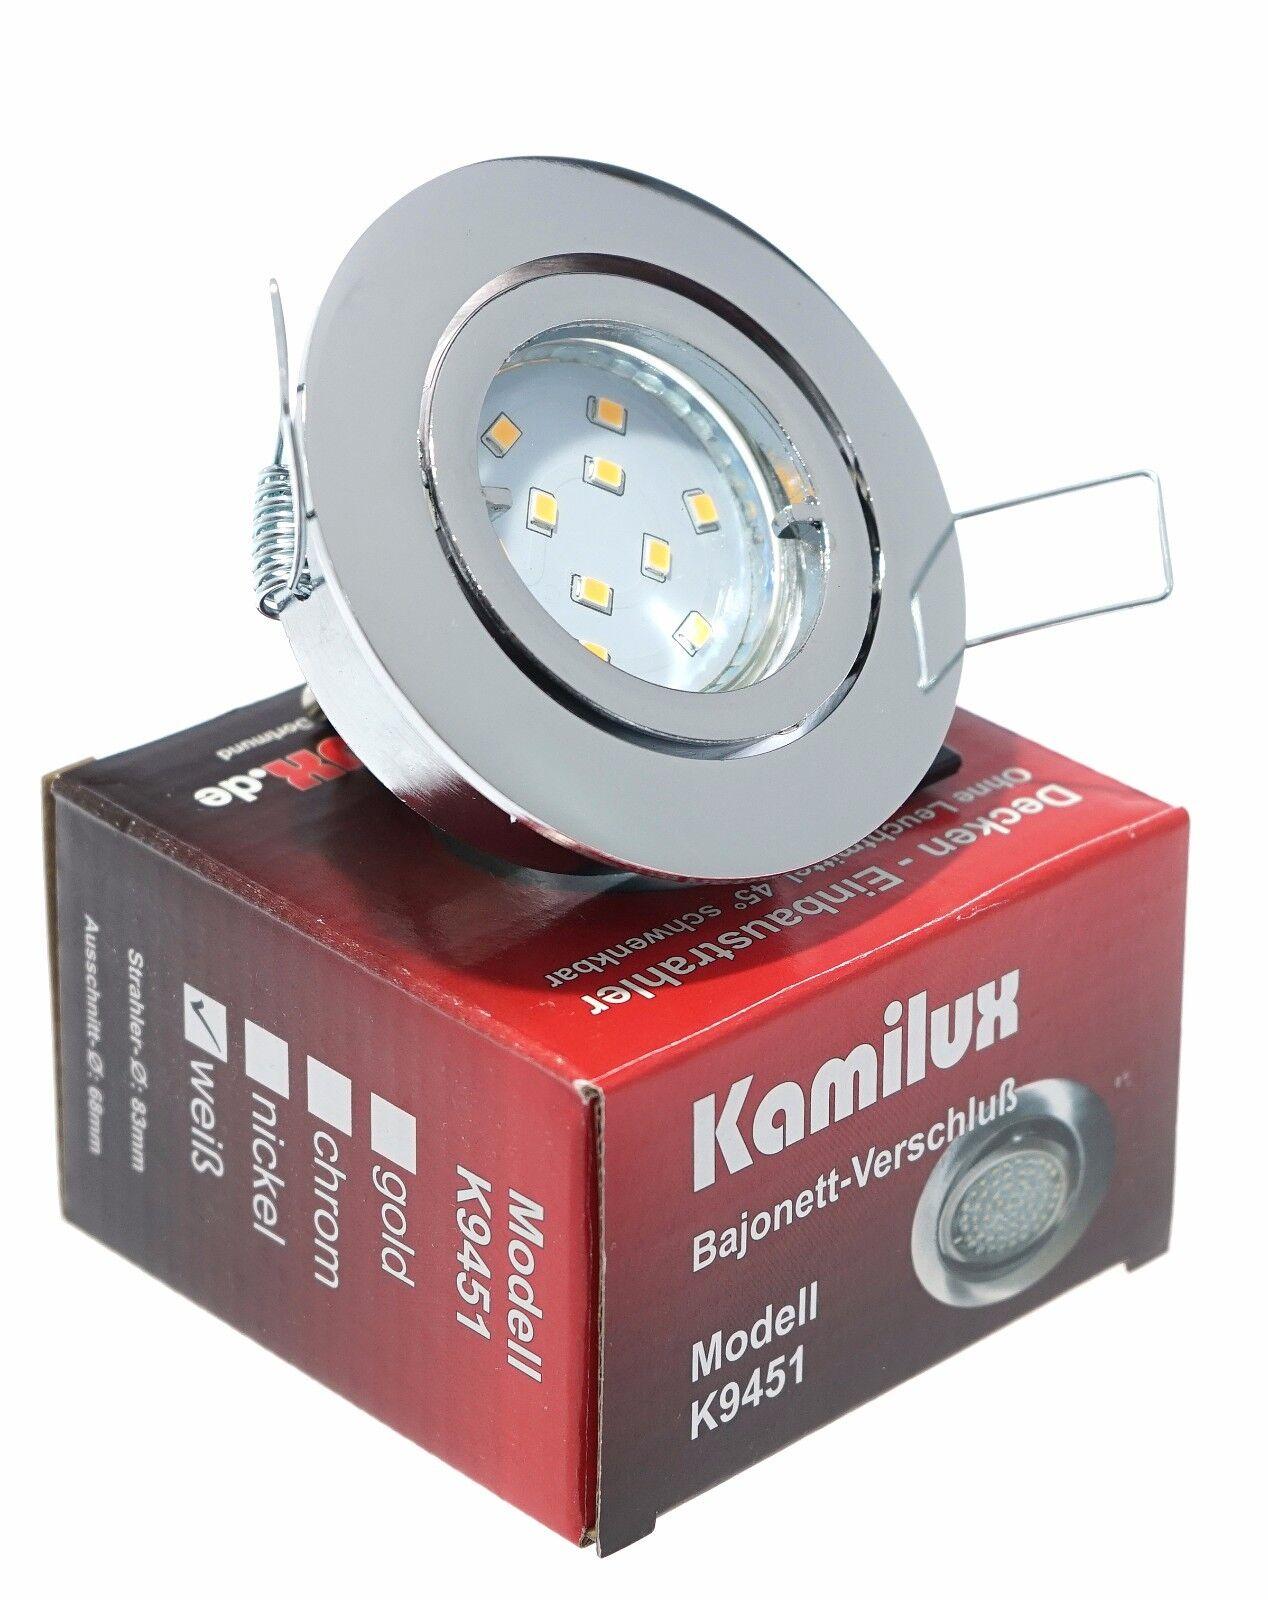 5W 400Lm 230V 230V 230V LED Einbauleuchten Bajo K9451 Schwenkbar Einbauleuchte Einbauspots | Verschiedene Waren  | New Products  | Qualitativ Hochwertiges Produkt  dc4187